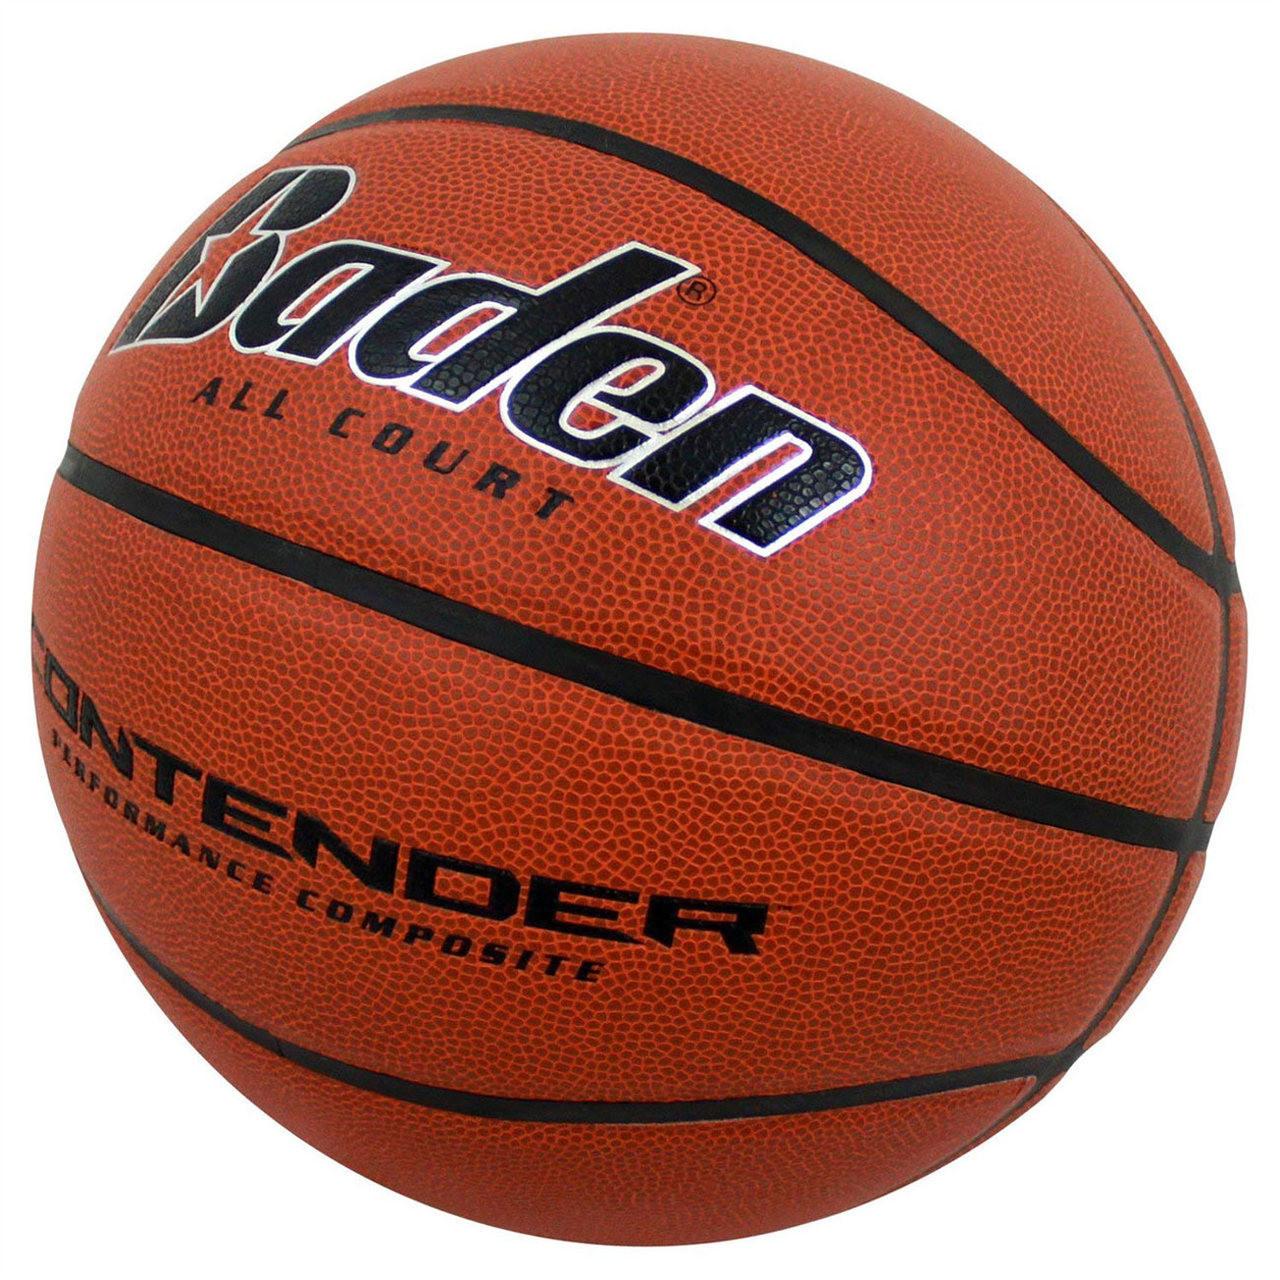 Baden Contender Composite Basketball